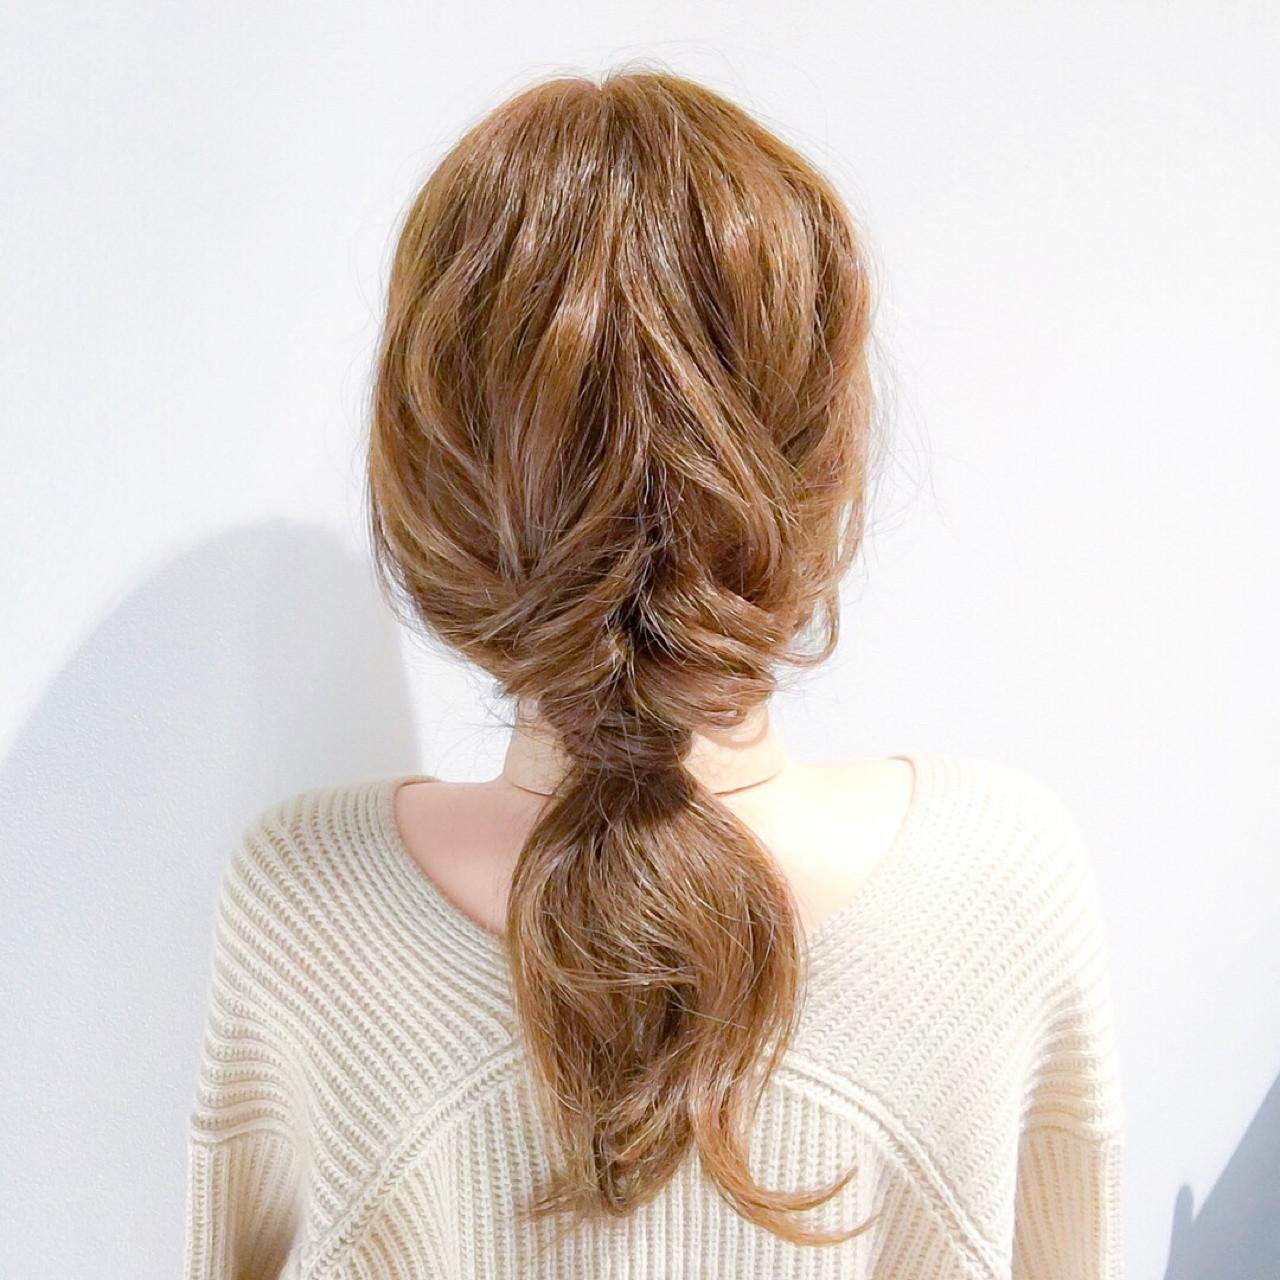 仕事でもOK♪オフィス向けまとめ髪アレンジ 美容師 HIRO